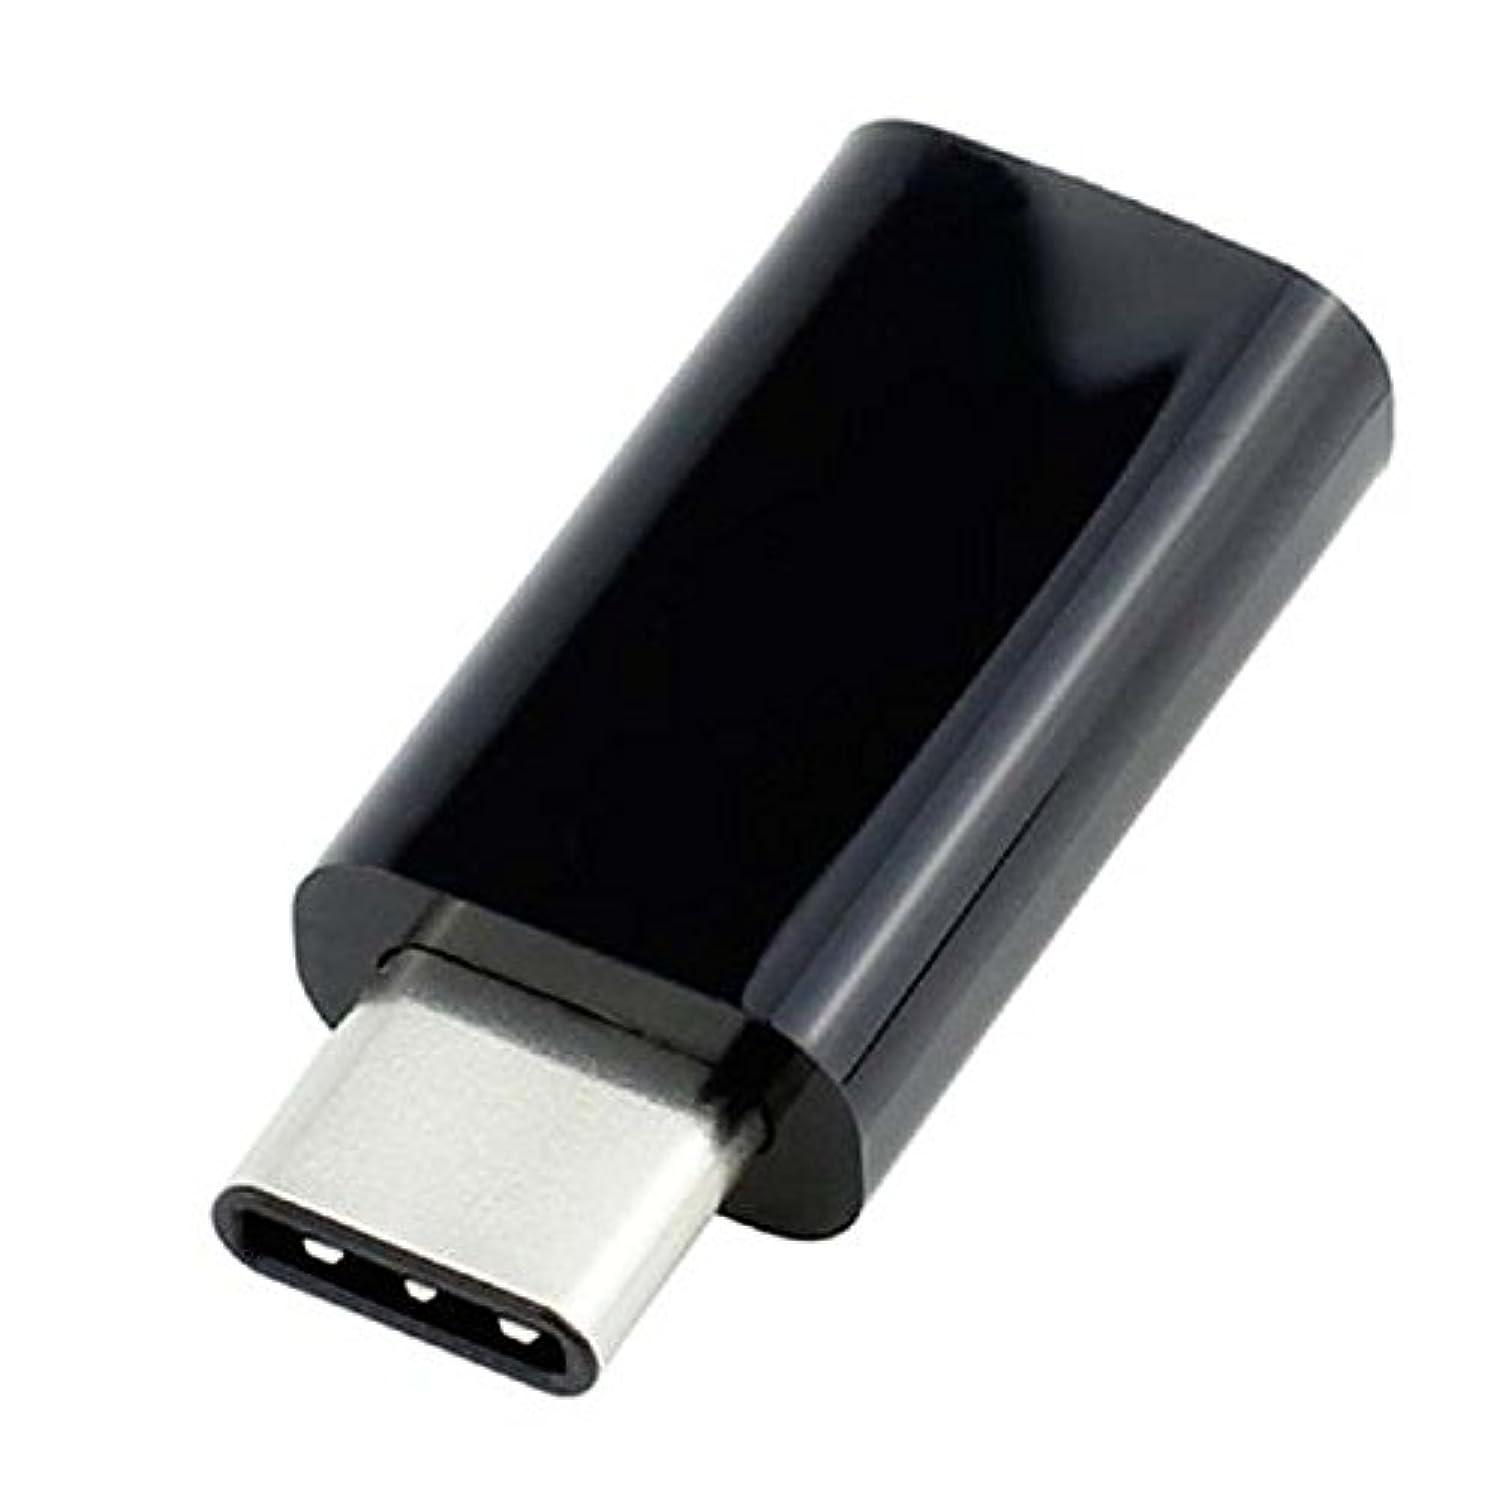 ティーンエイジャー練習した瞑想的TOOGOO USB 3.1 タイプCコネクター~ミニUSBコネクター Cコンバータアダプタ ブラック